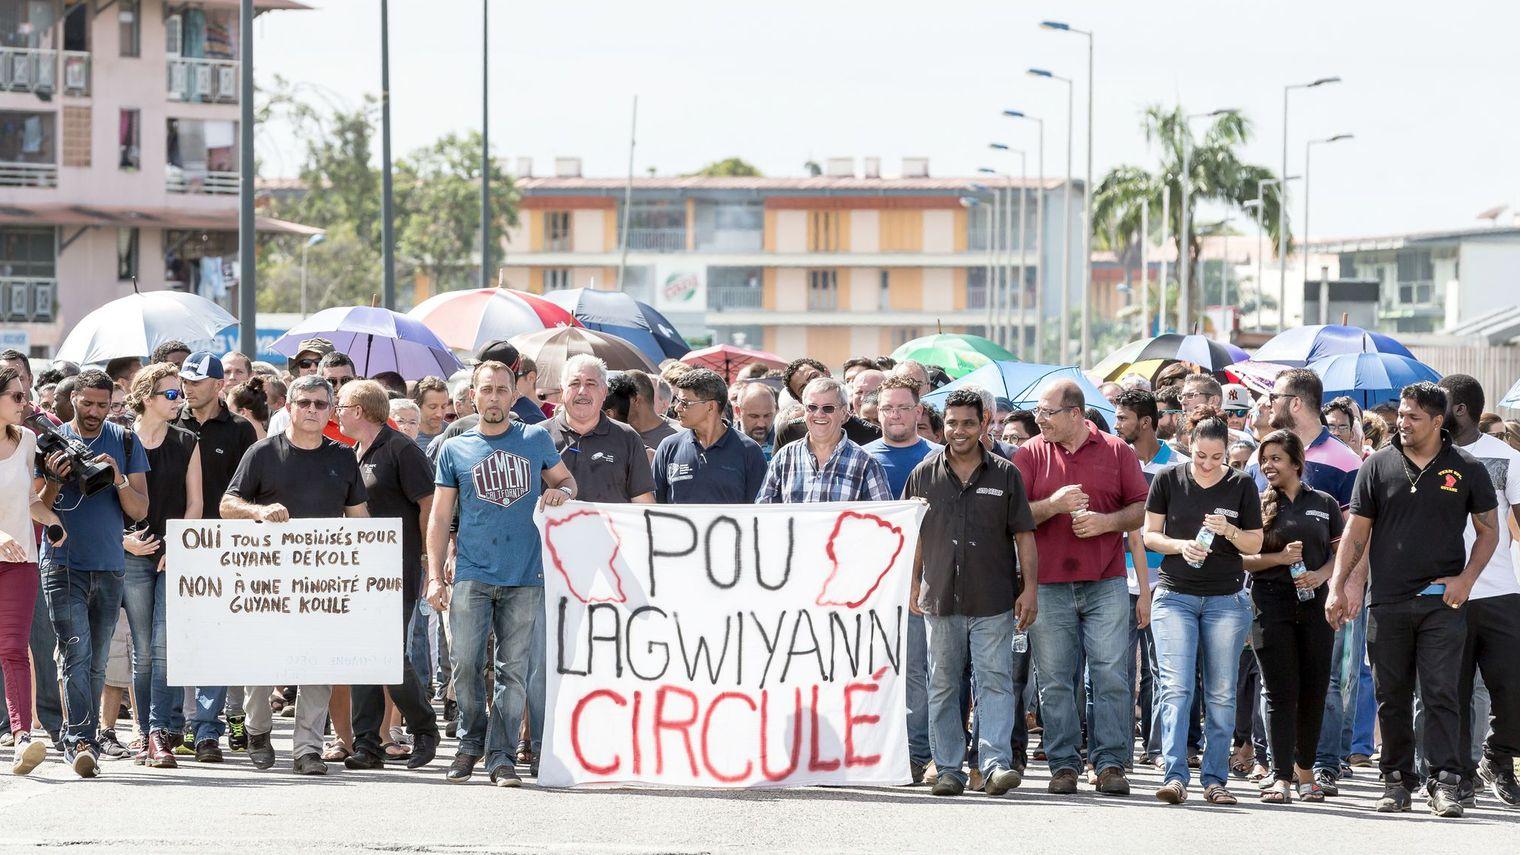 """Le collectif """"Pou lagwiyann circulé"""" demande la fin des blocages ©Jody Amiet / AFP"""